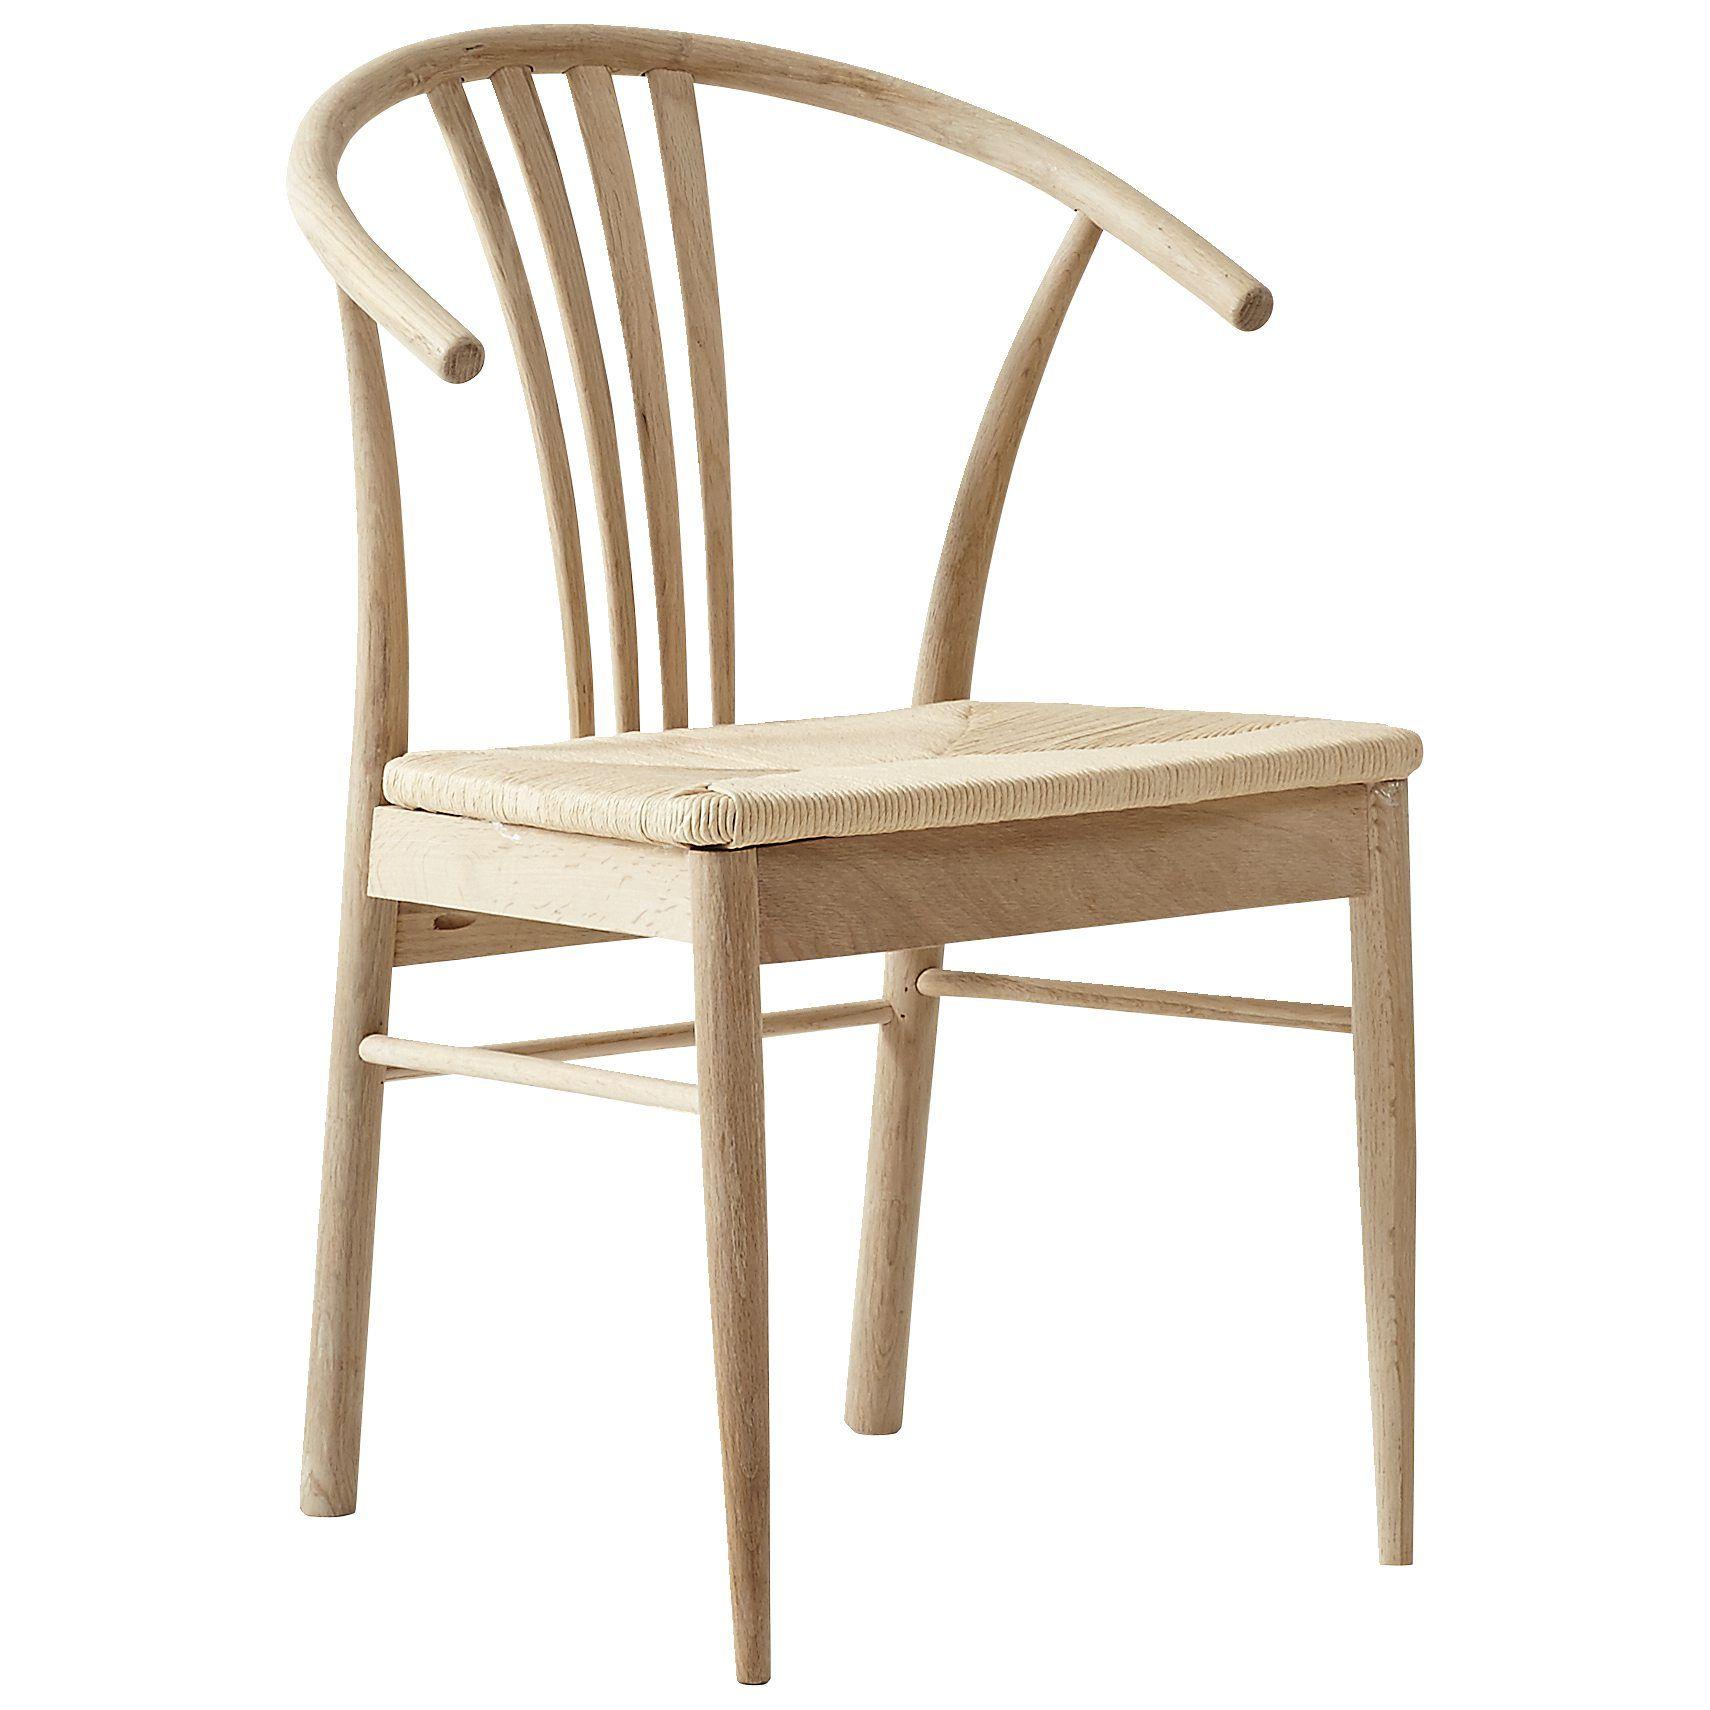 Lilla …land stol i kulör fr¥n Stolab stolab lilla¥land pinnstol skandinaviskdesign Stolar Pinterest